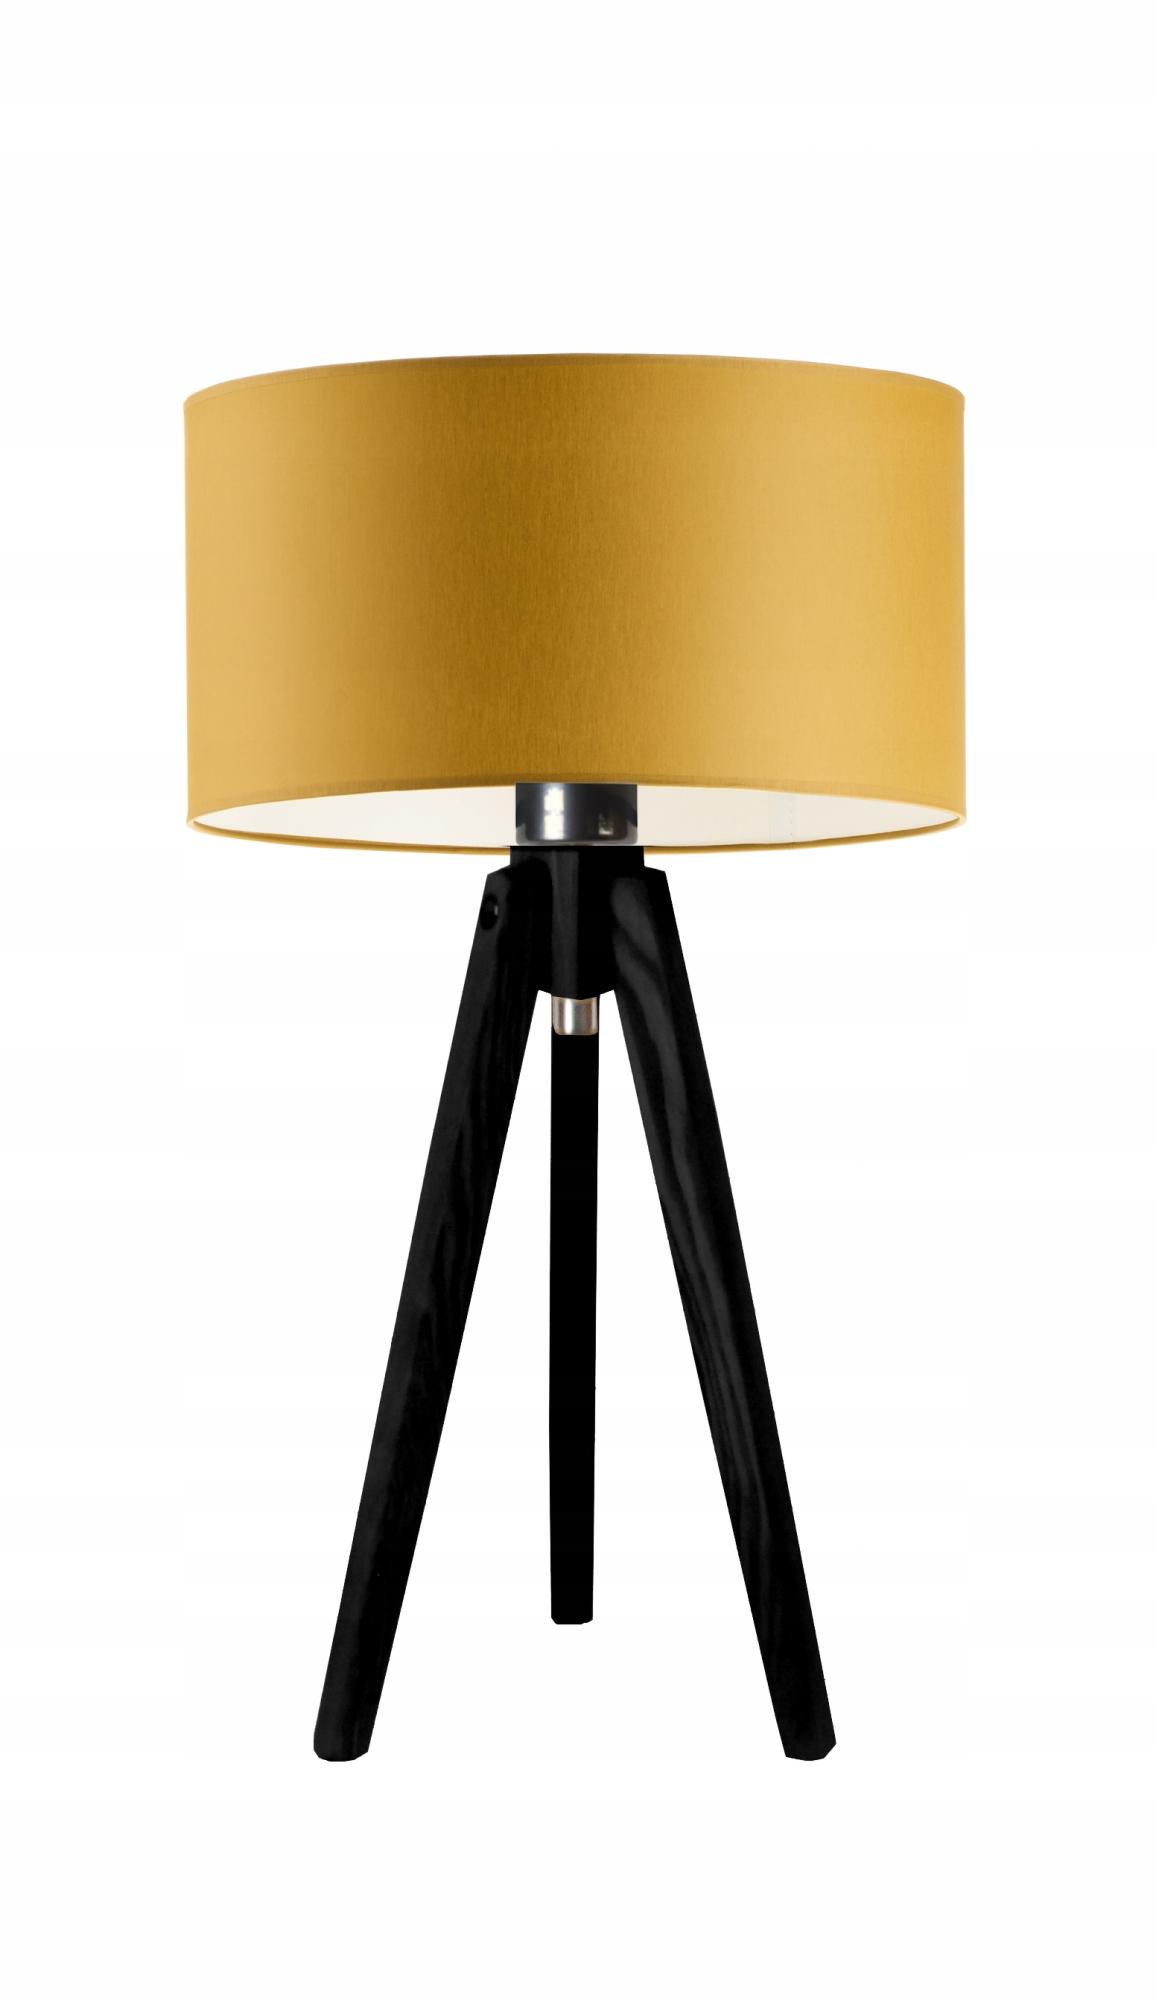 Drevo Lampa noc písací Stôl, Sadzba je 24 hodín/obyvateľov vošky krmivo na horčica